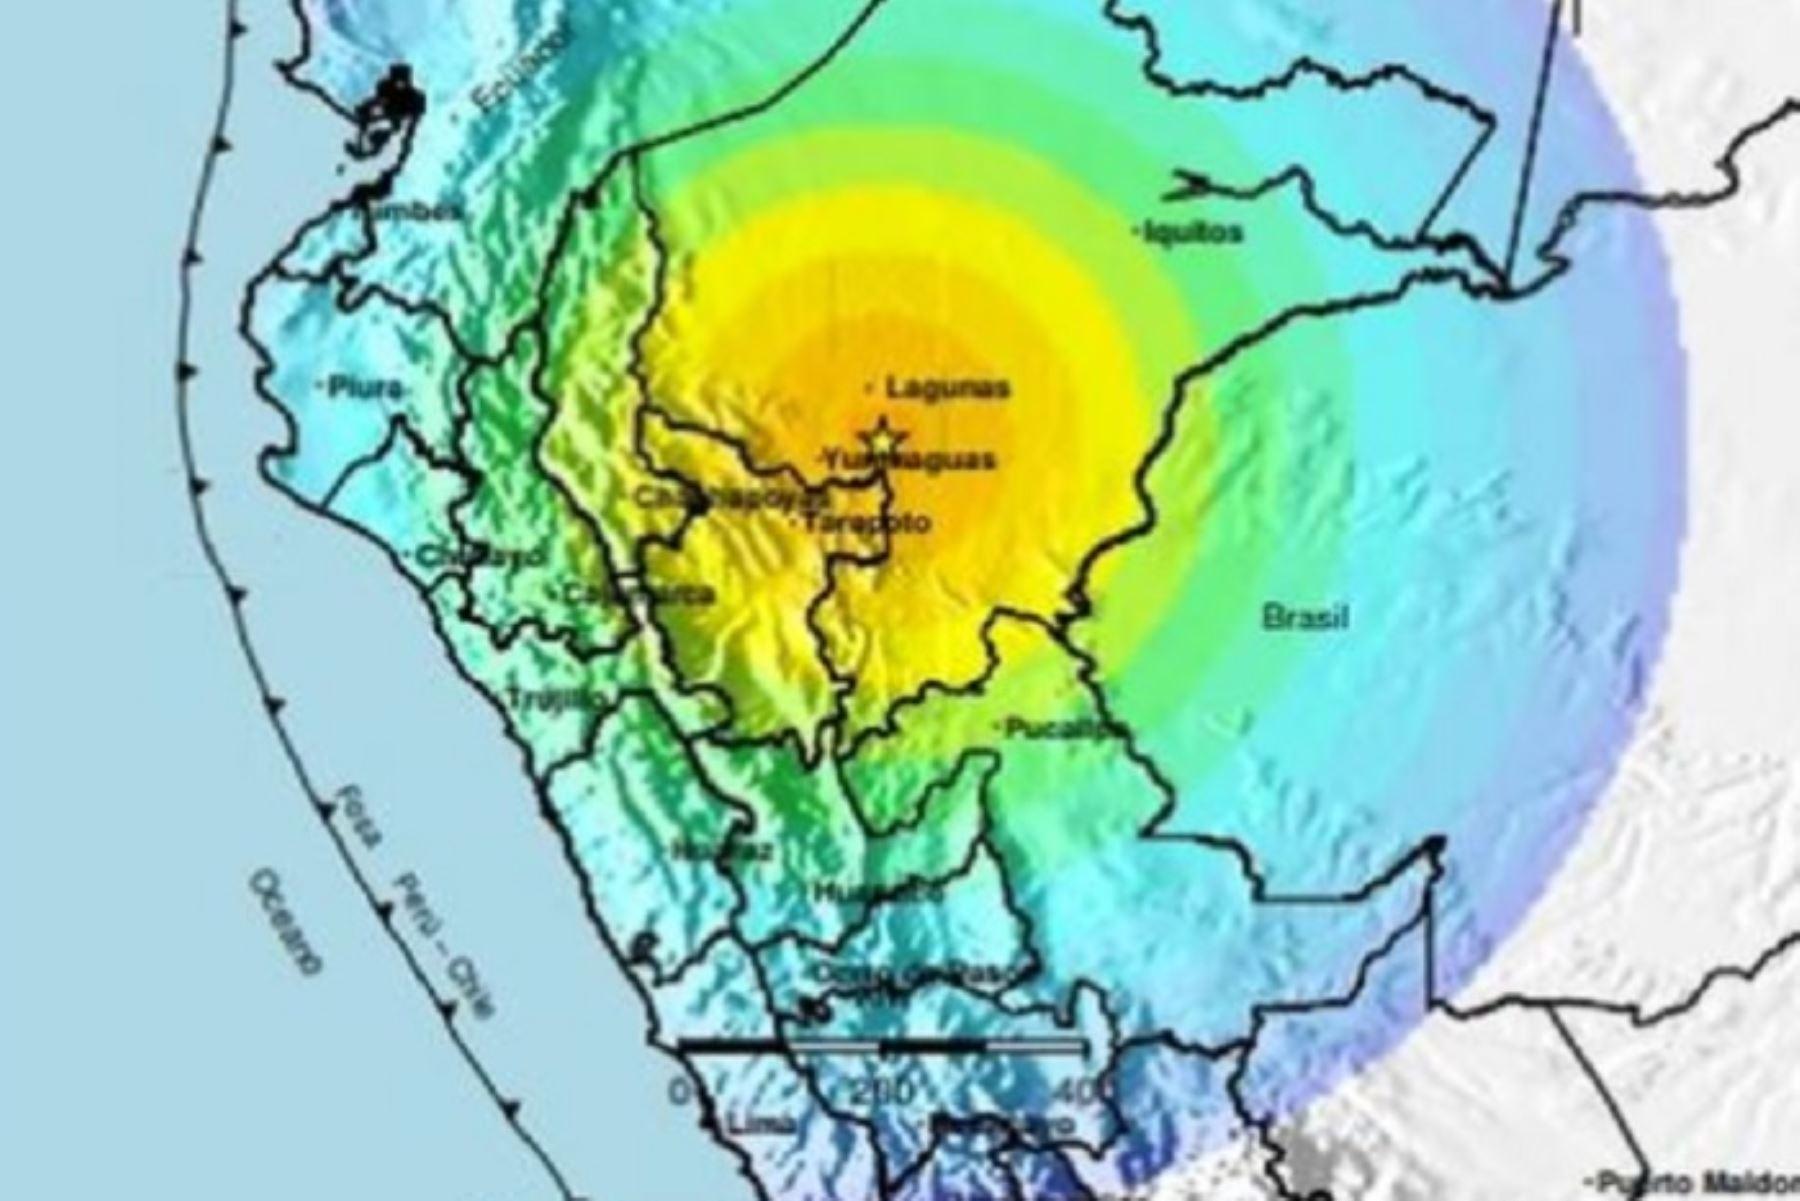 Sismo de magnitud 8.0 en el distrito de Lagunas, provincia de Alto Amazonas, región Loreto.